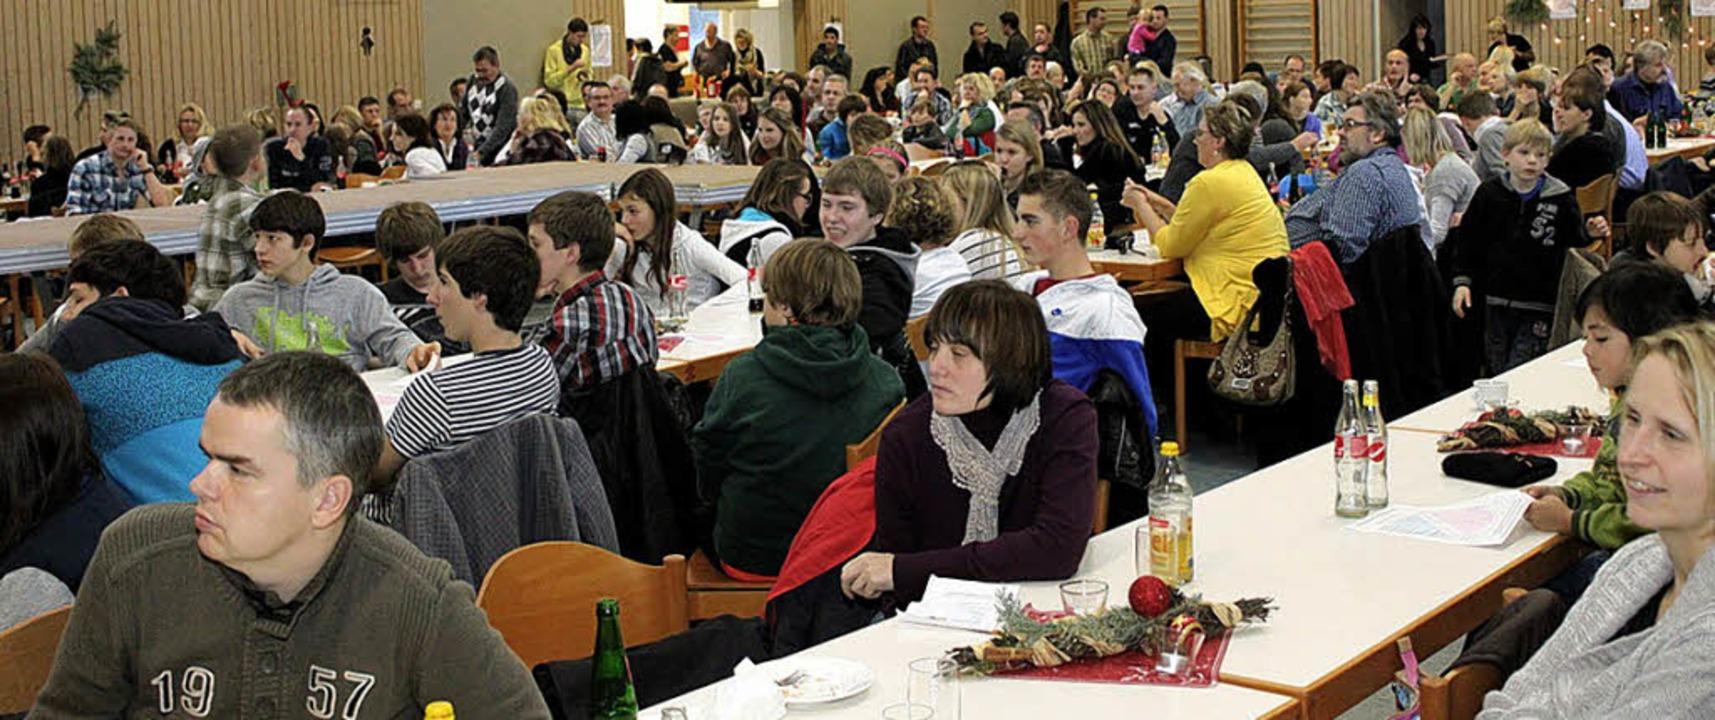 Voll besetzt war die Stadthalle bei de...chtsfeier der SG Mahlberg-Orschweier.     Foto: Privat